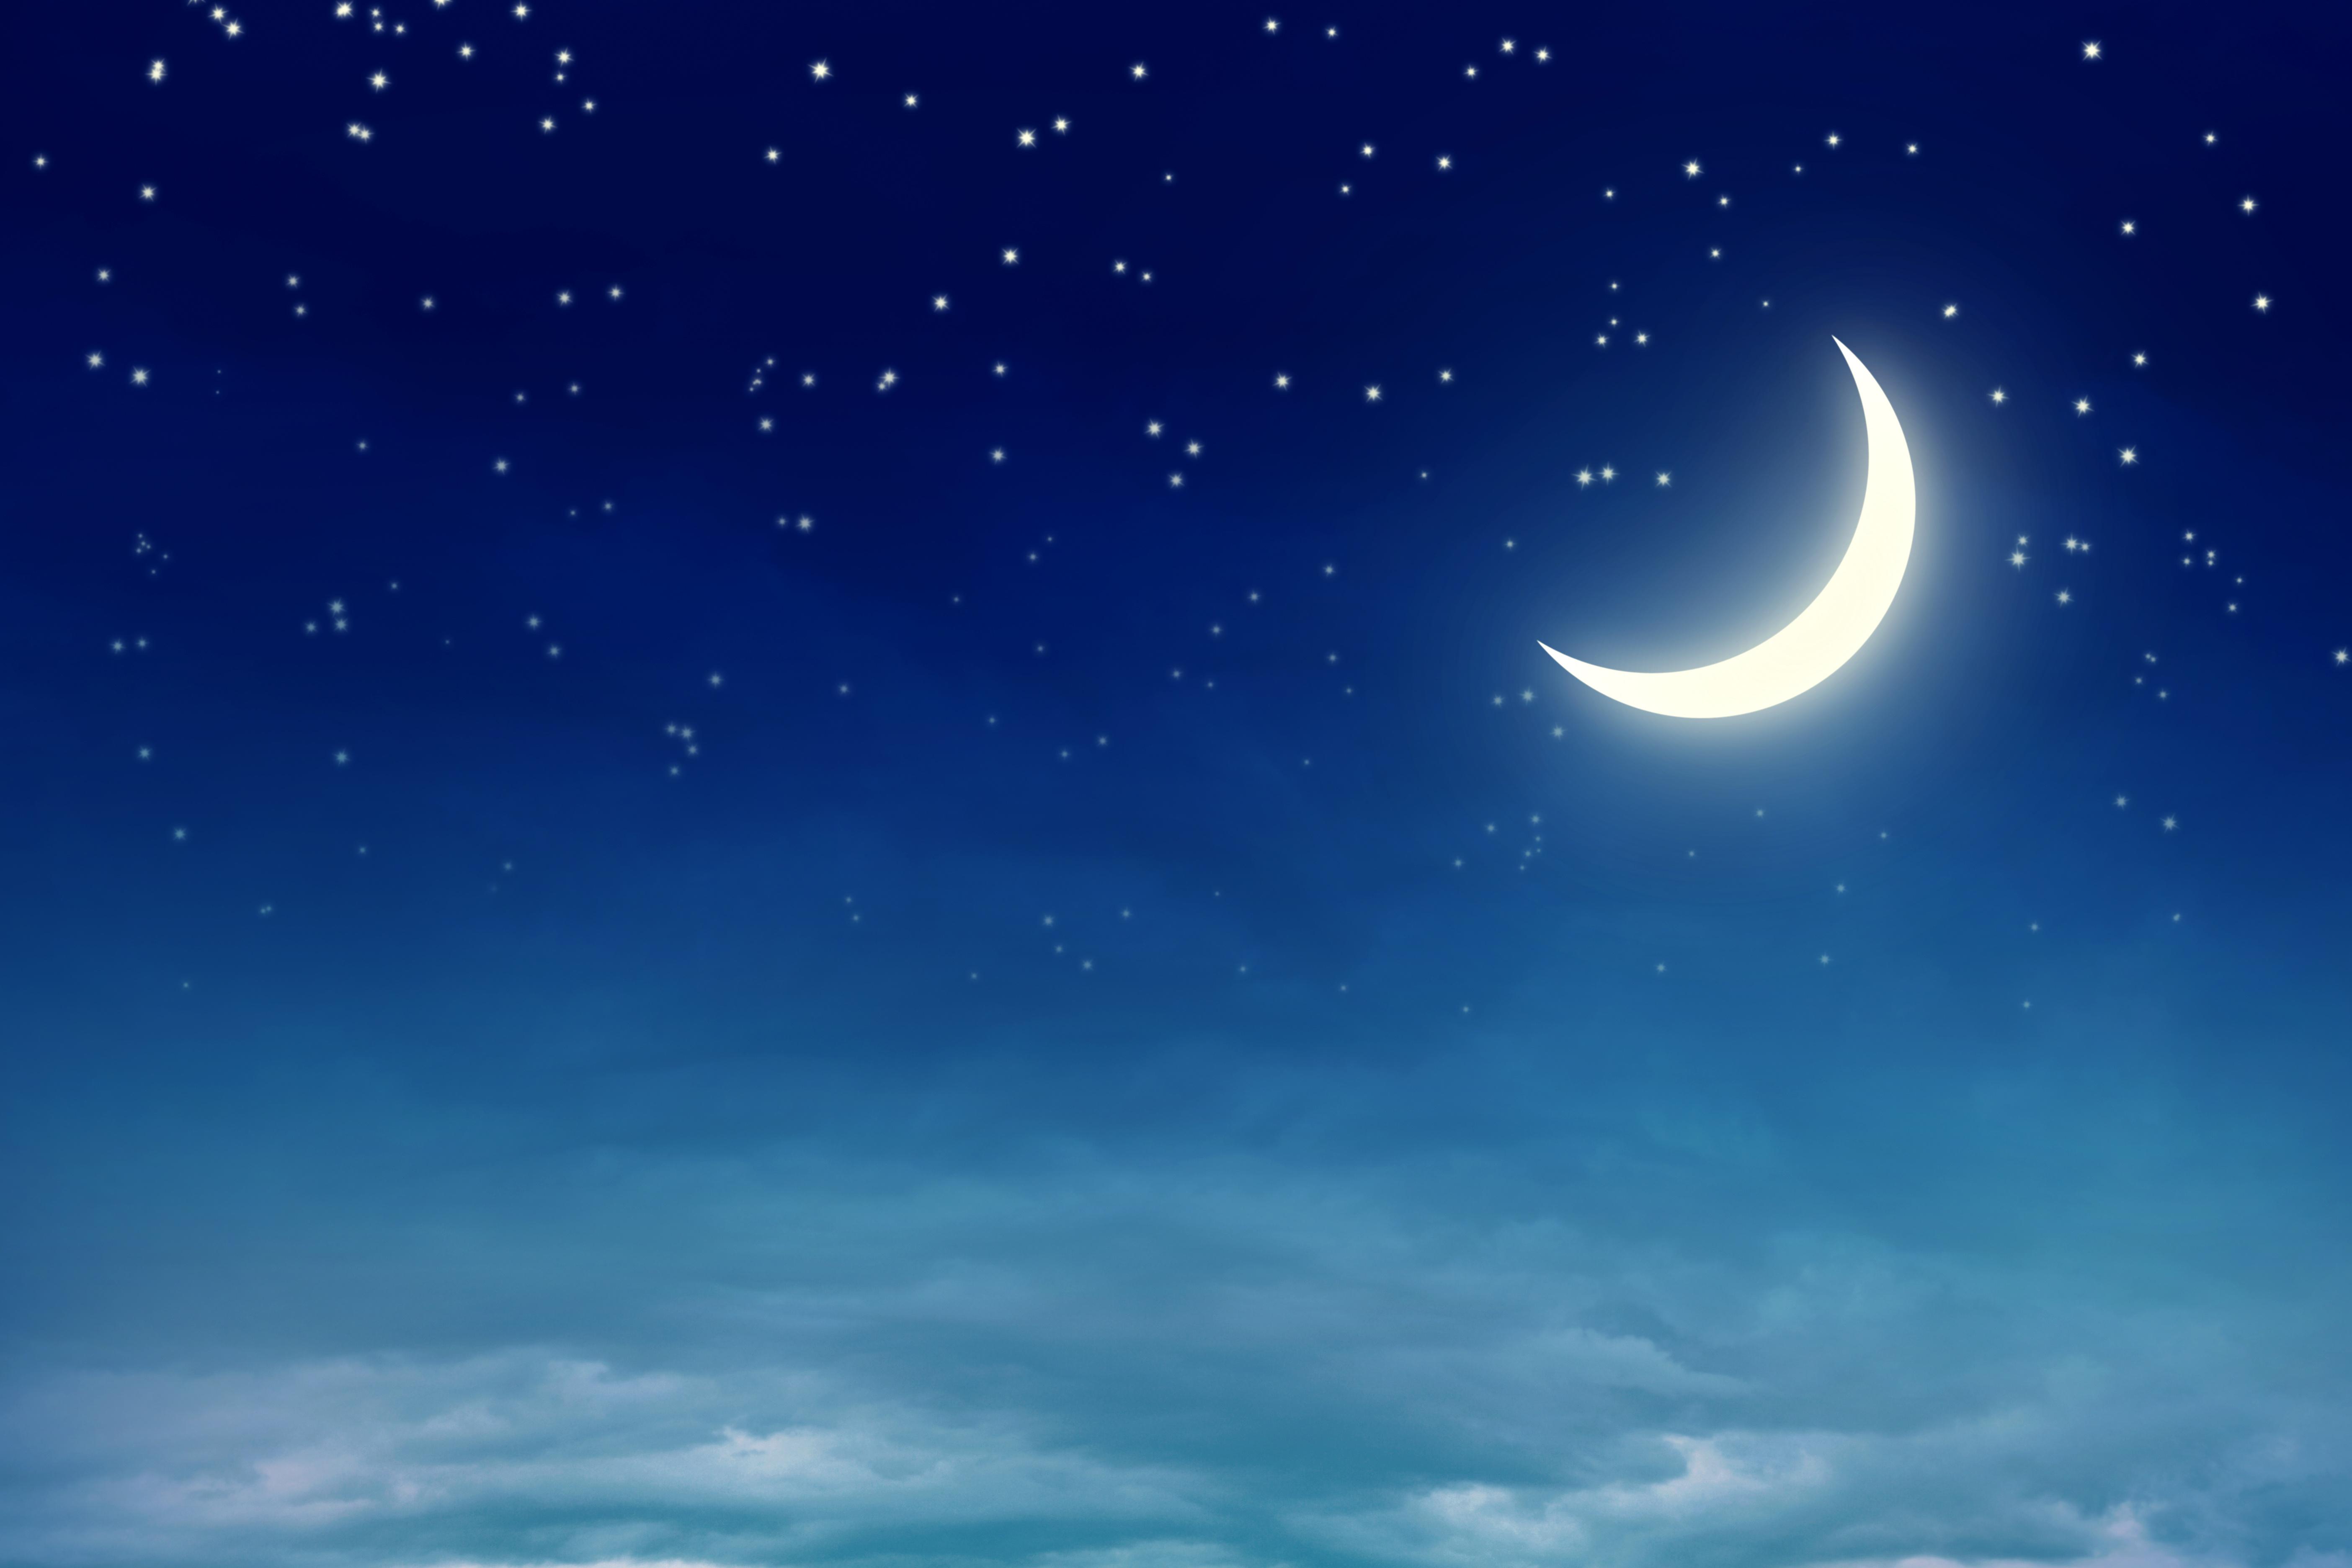 Картинка месяц ночью для детей